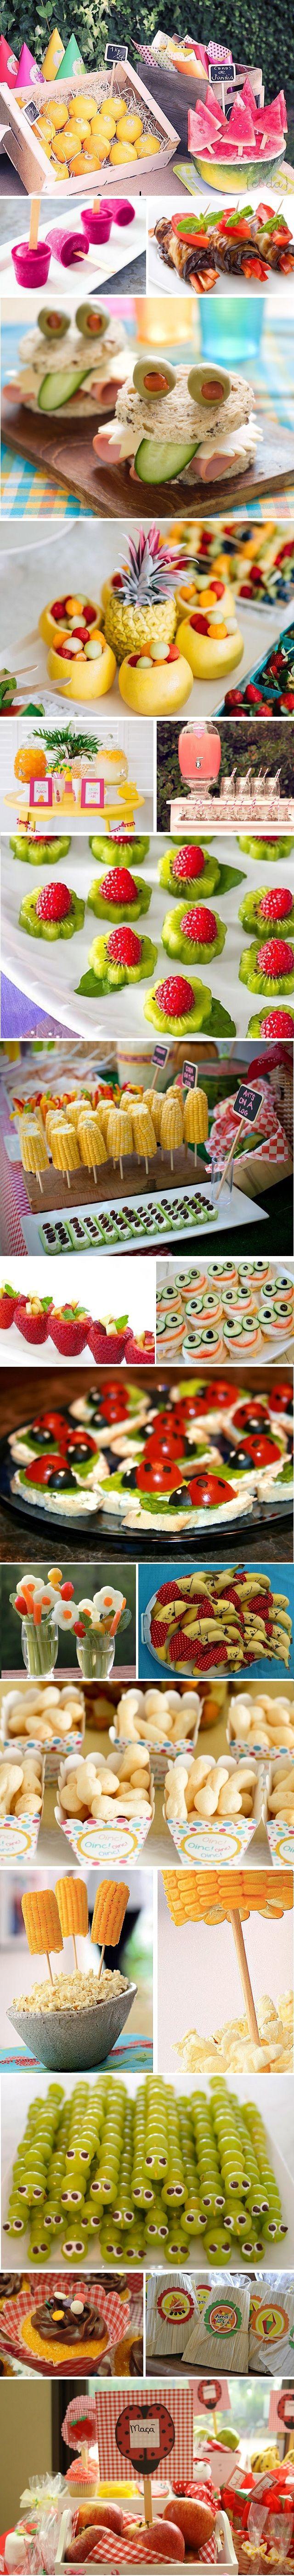 Aniversário de criança com comida saudável!